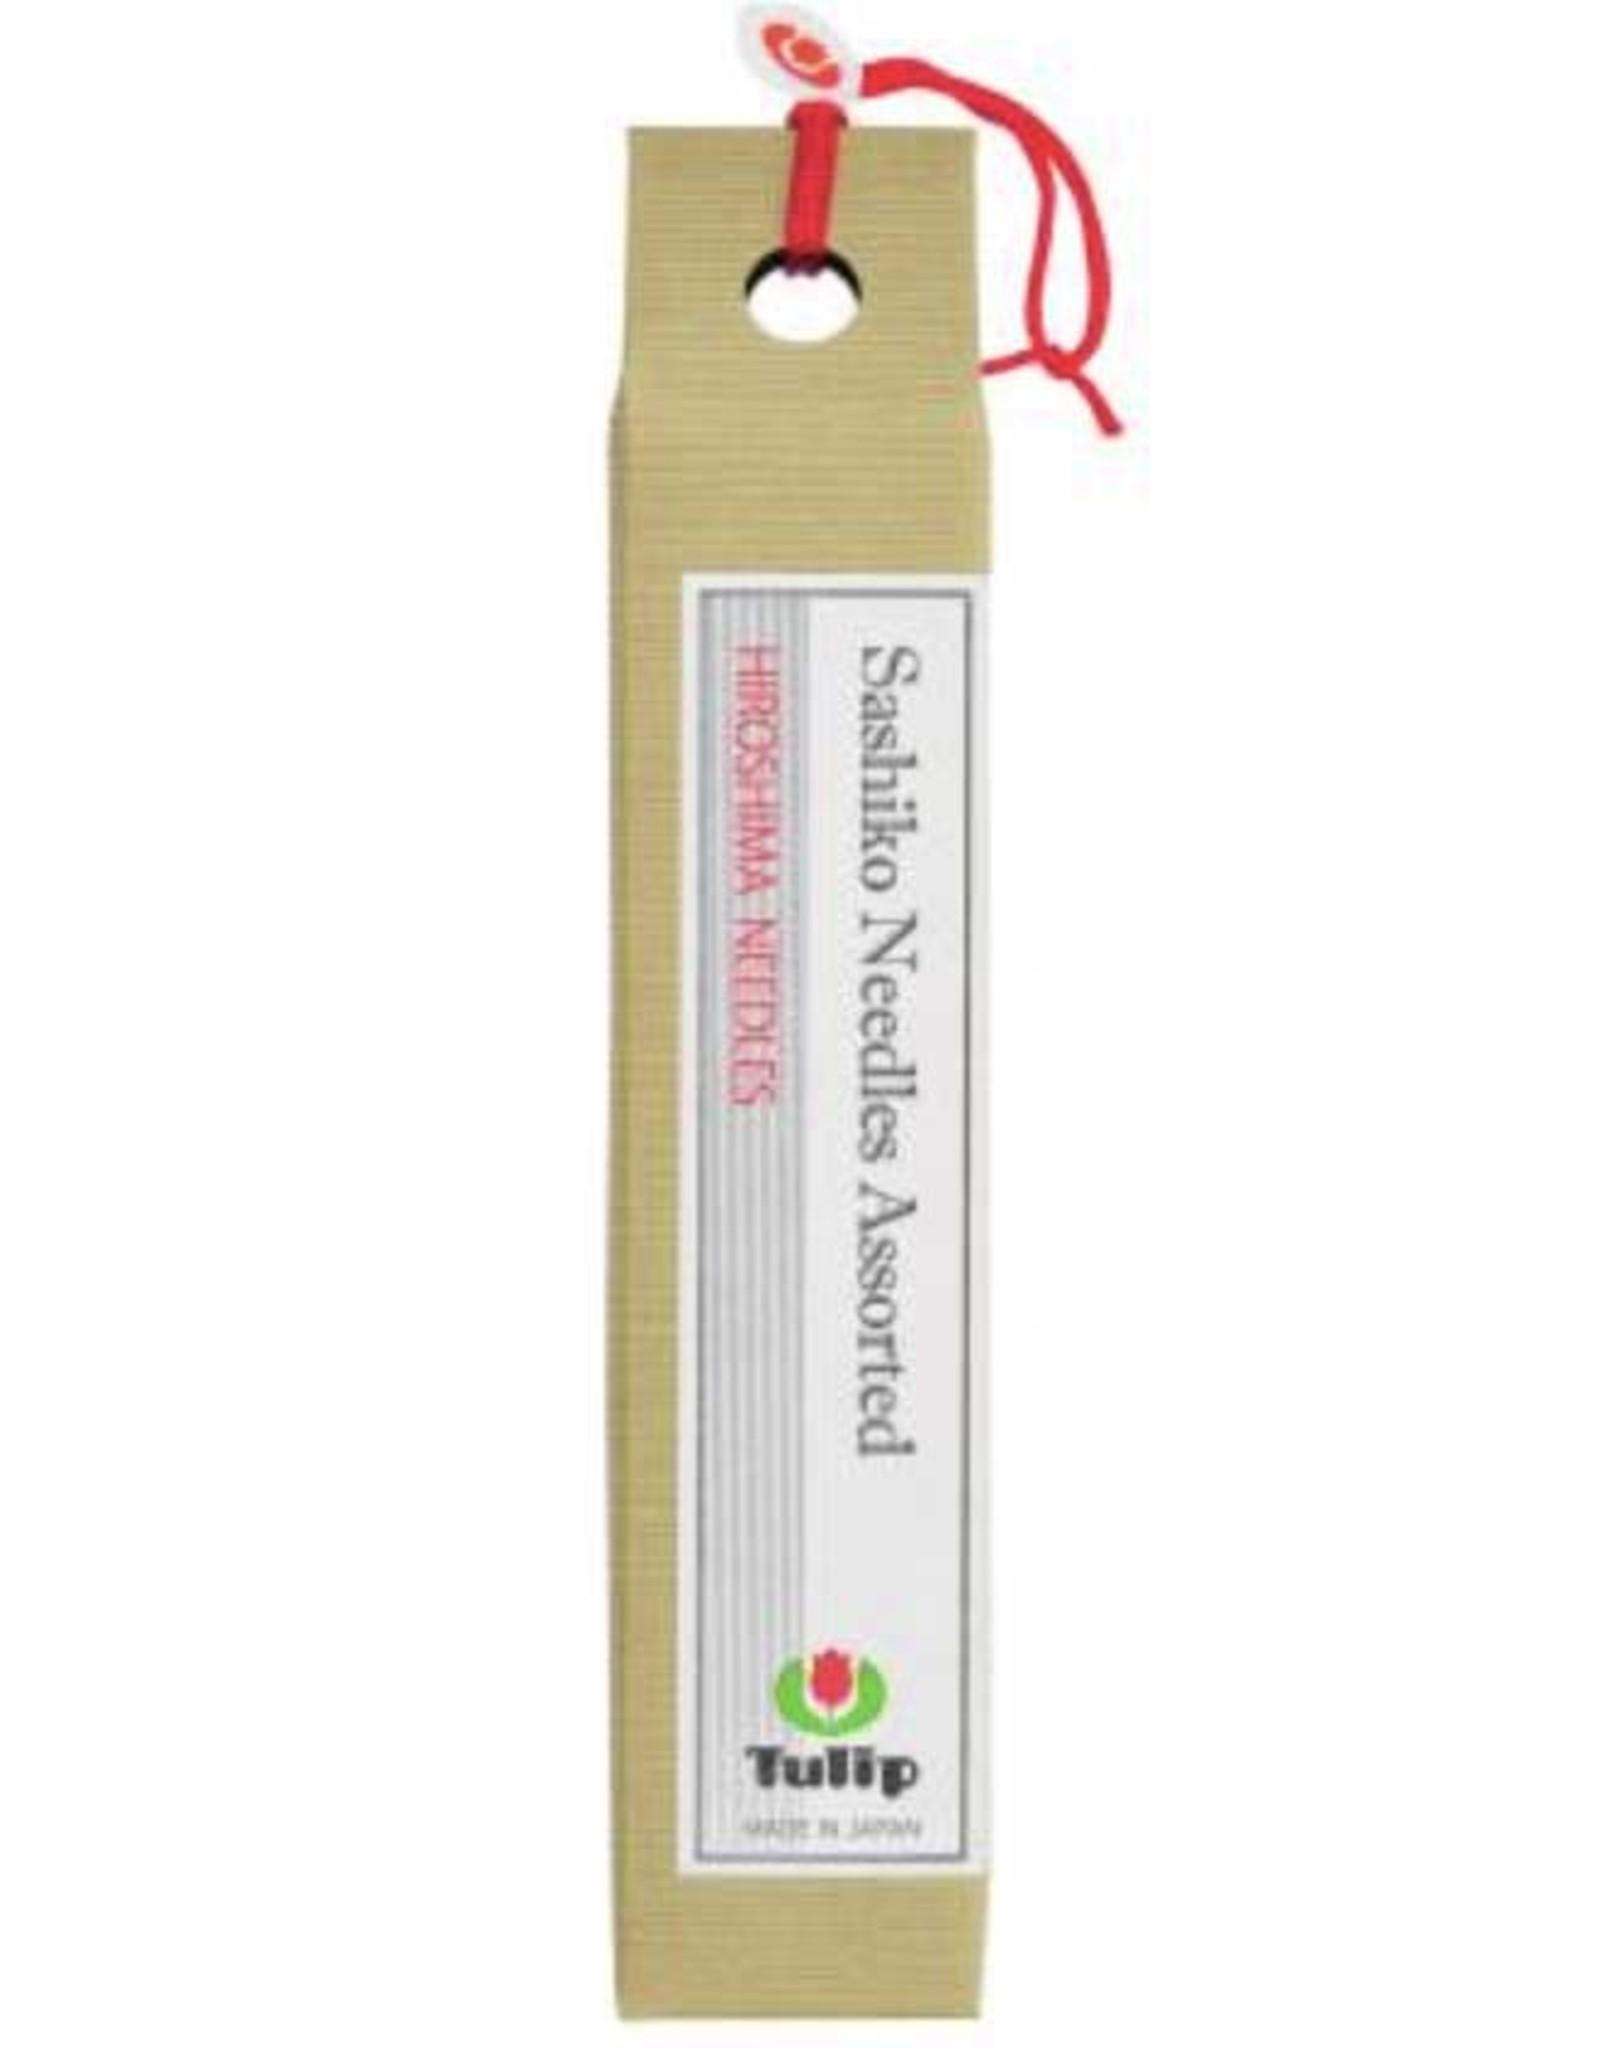 Tulip Sashiko Needles